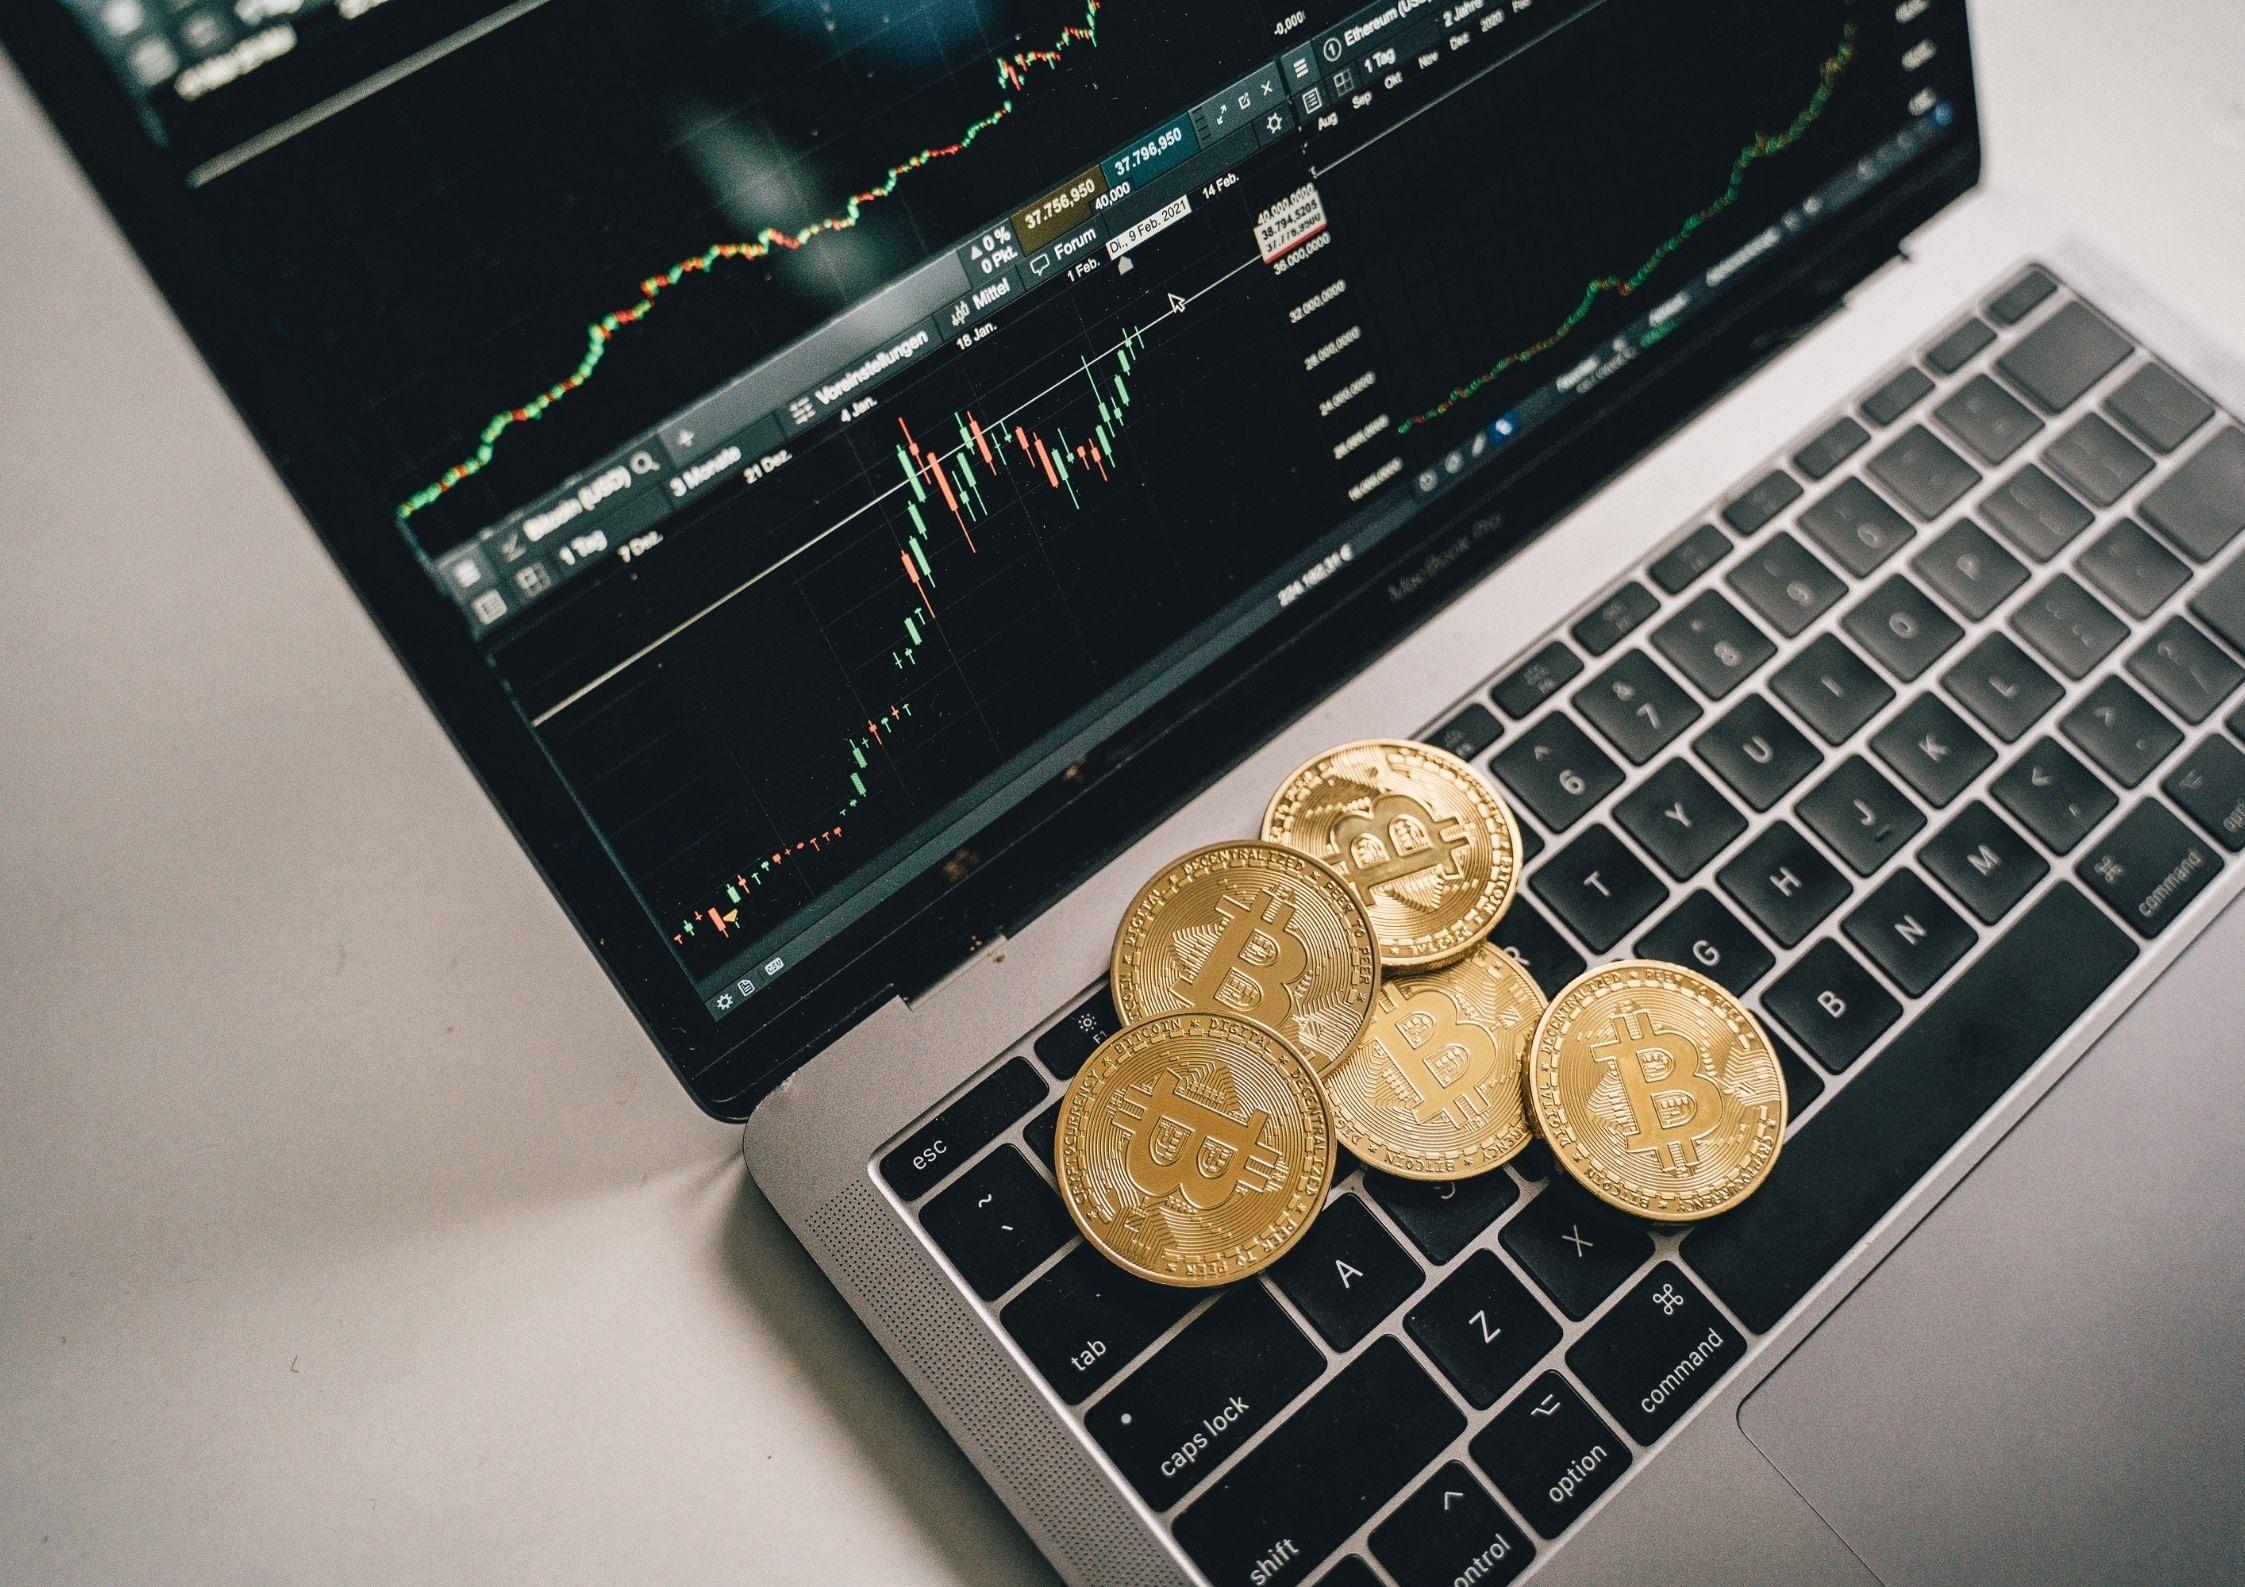 goldman sachs pentru a experimenta cu bitcoin de tranzacționare